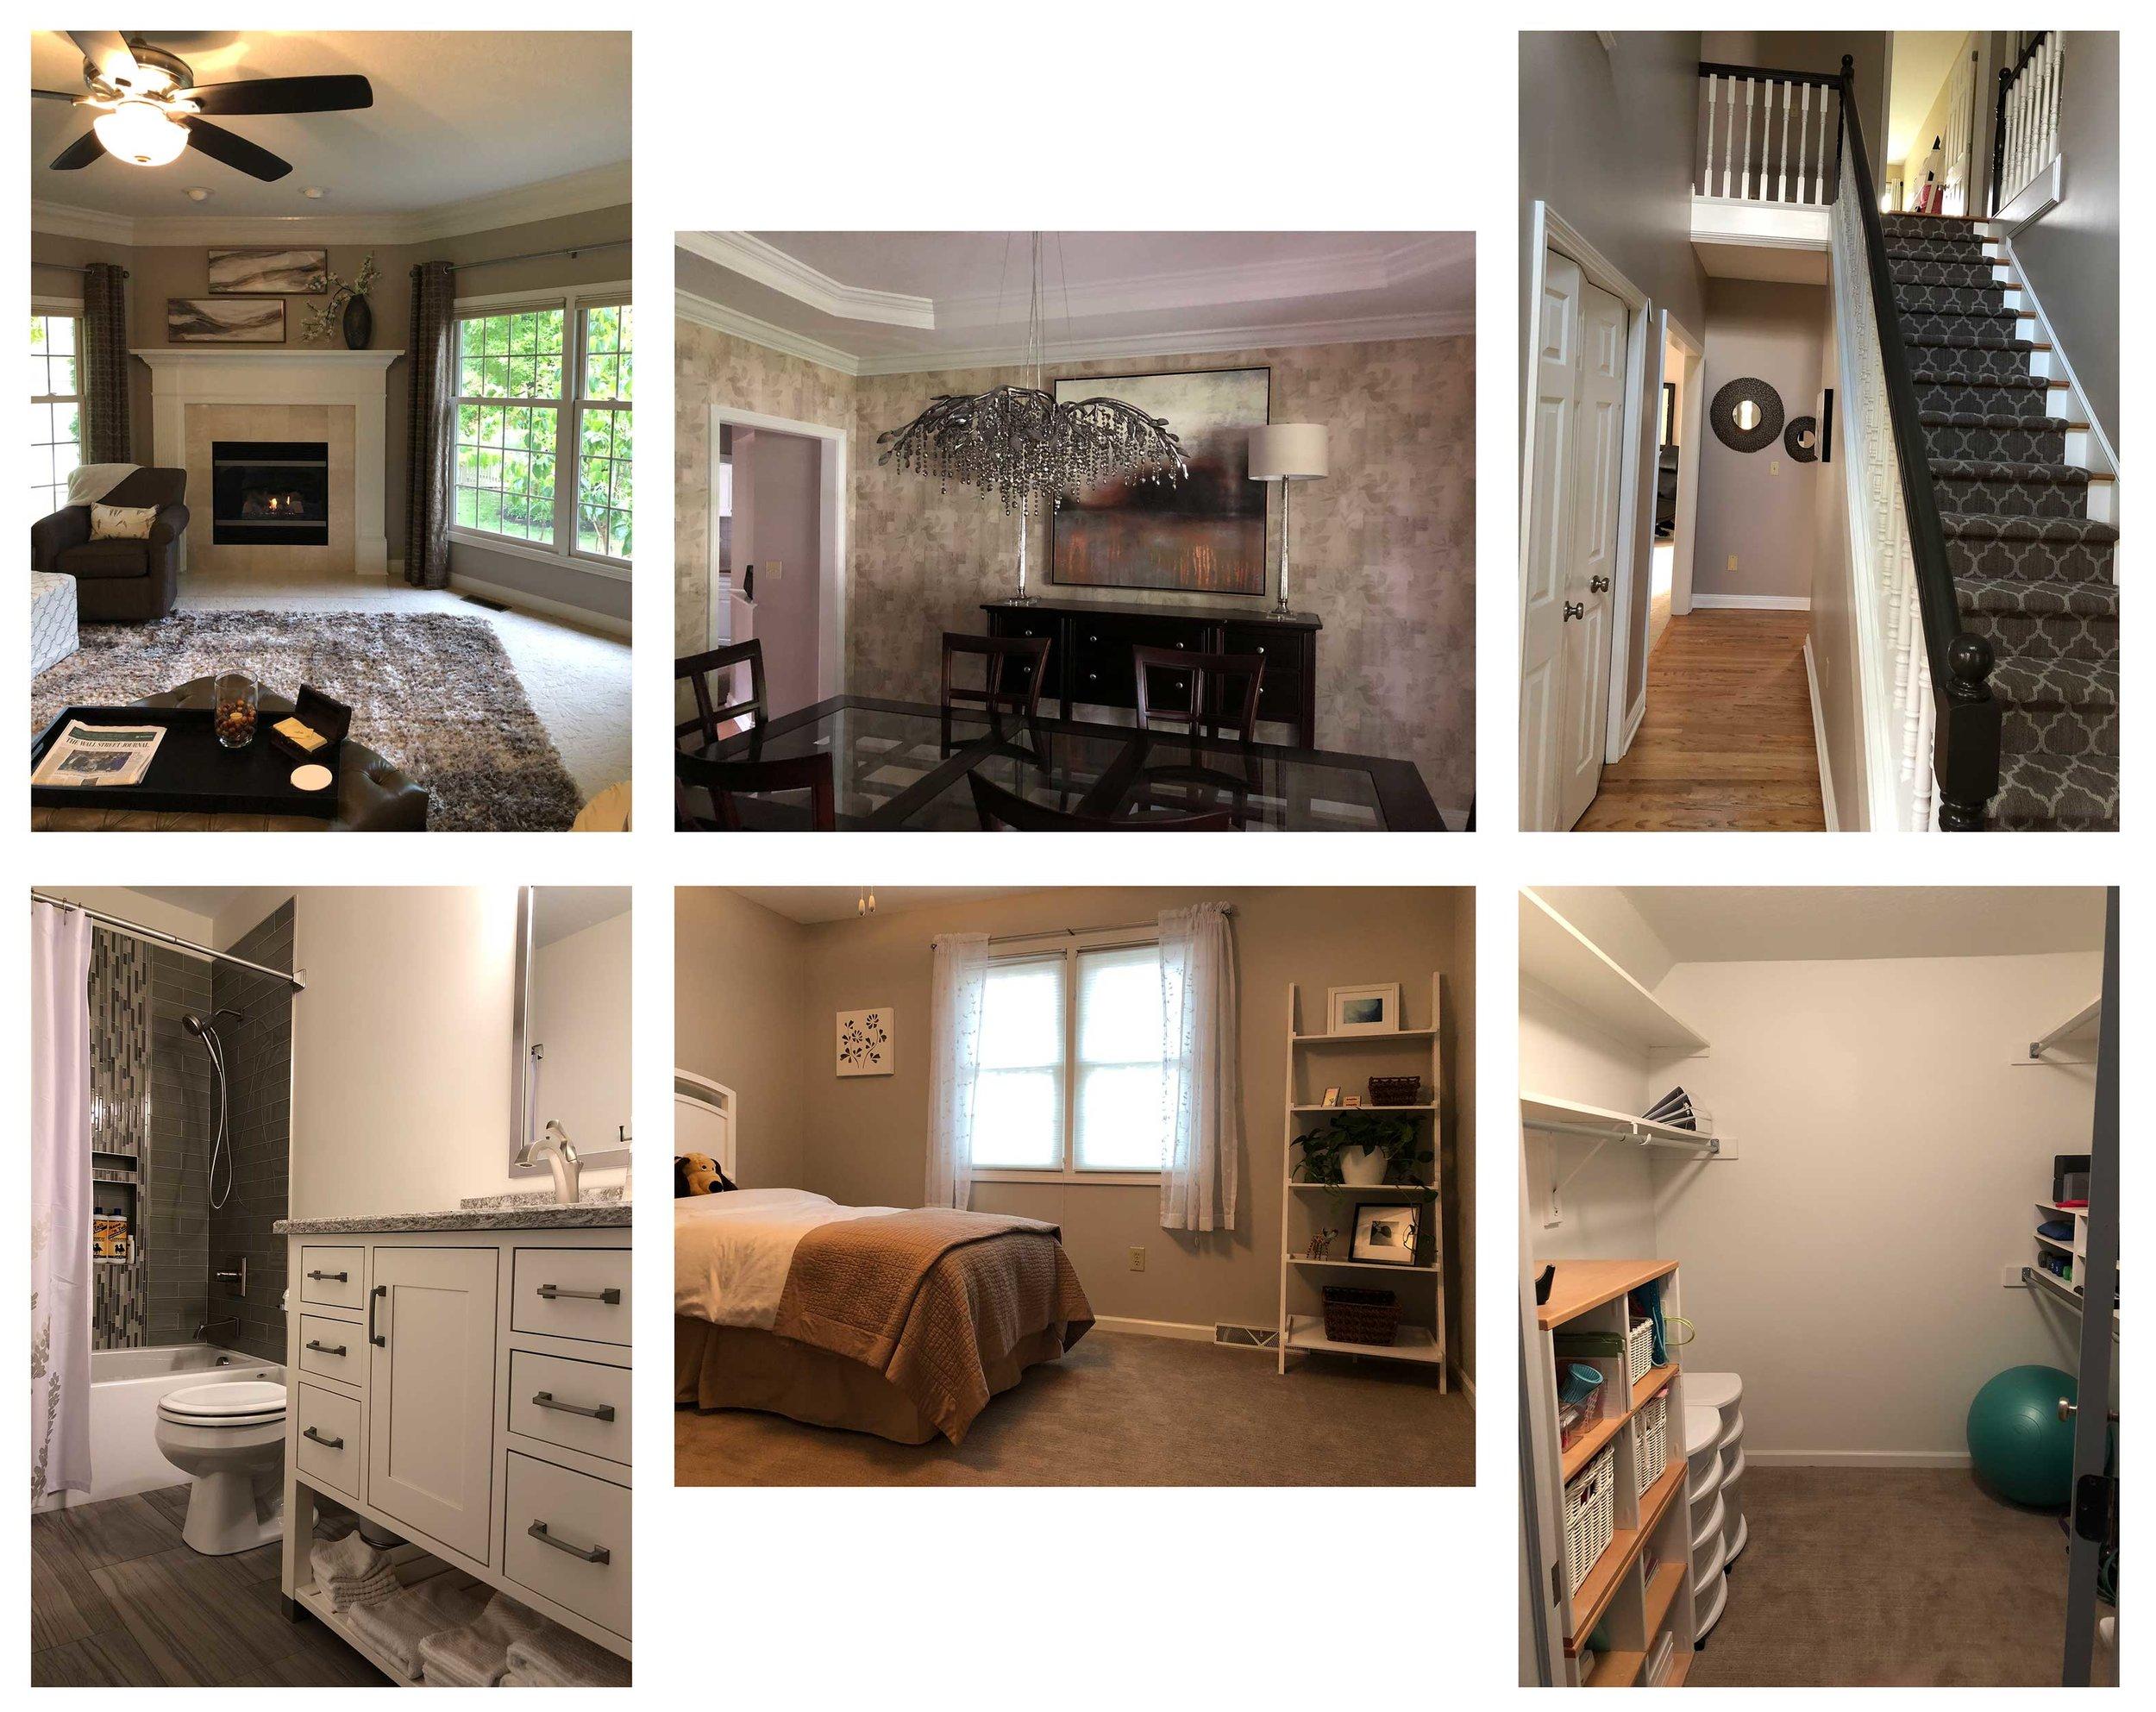 home-pics-smaller.jpg